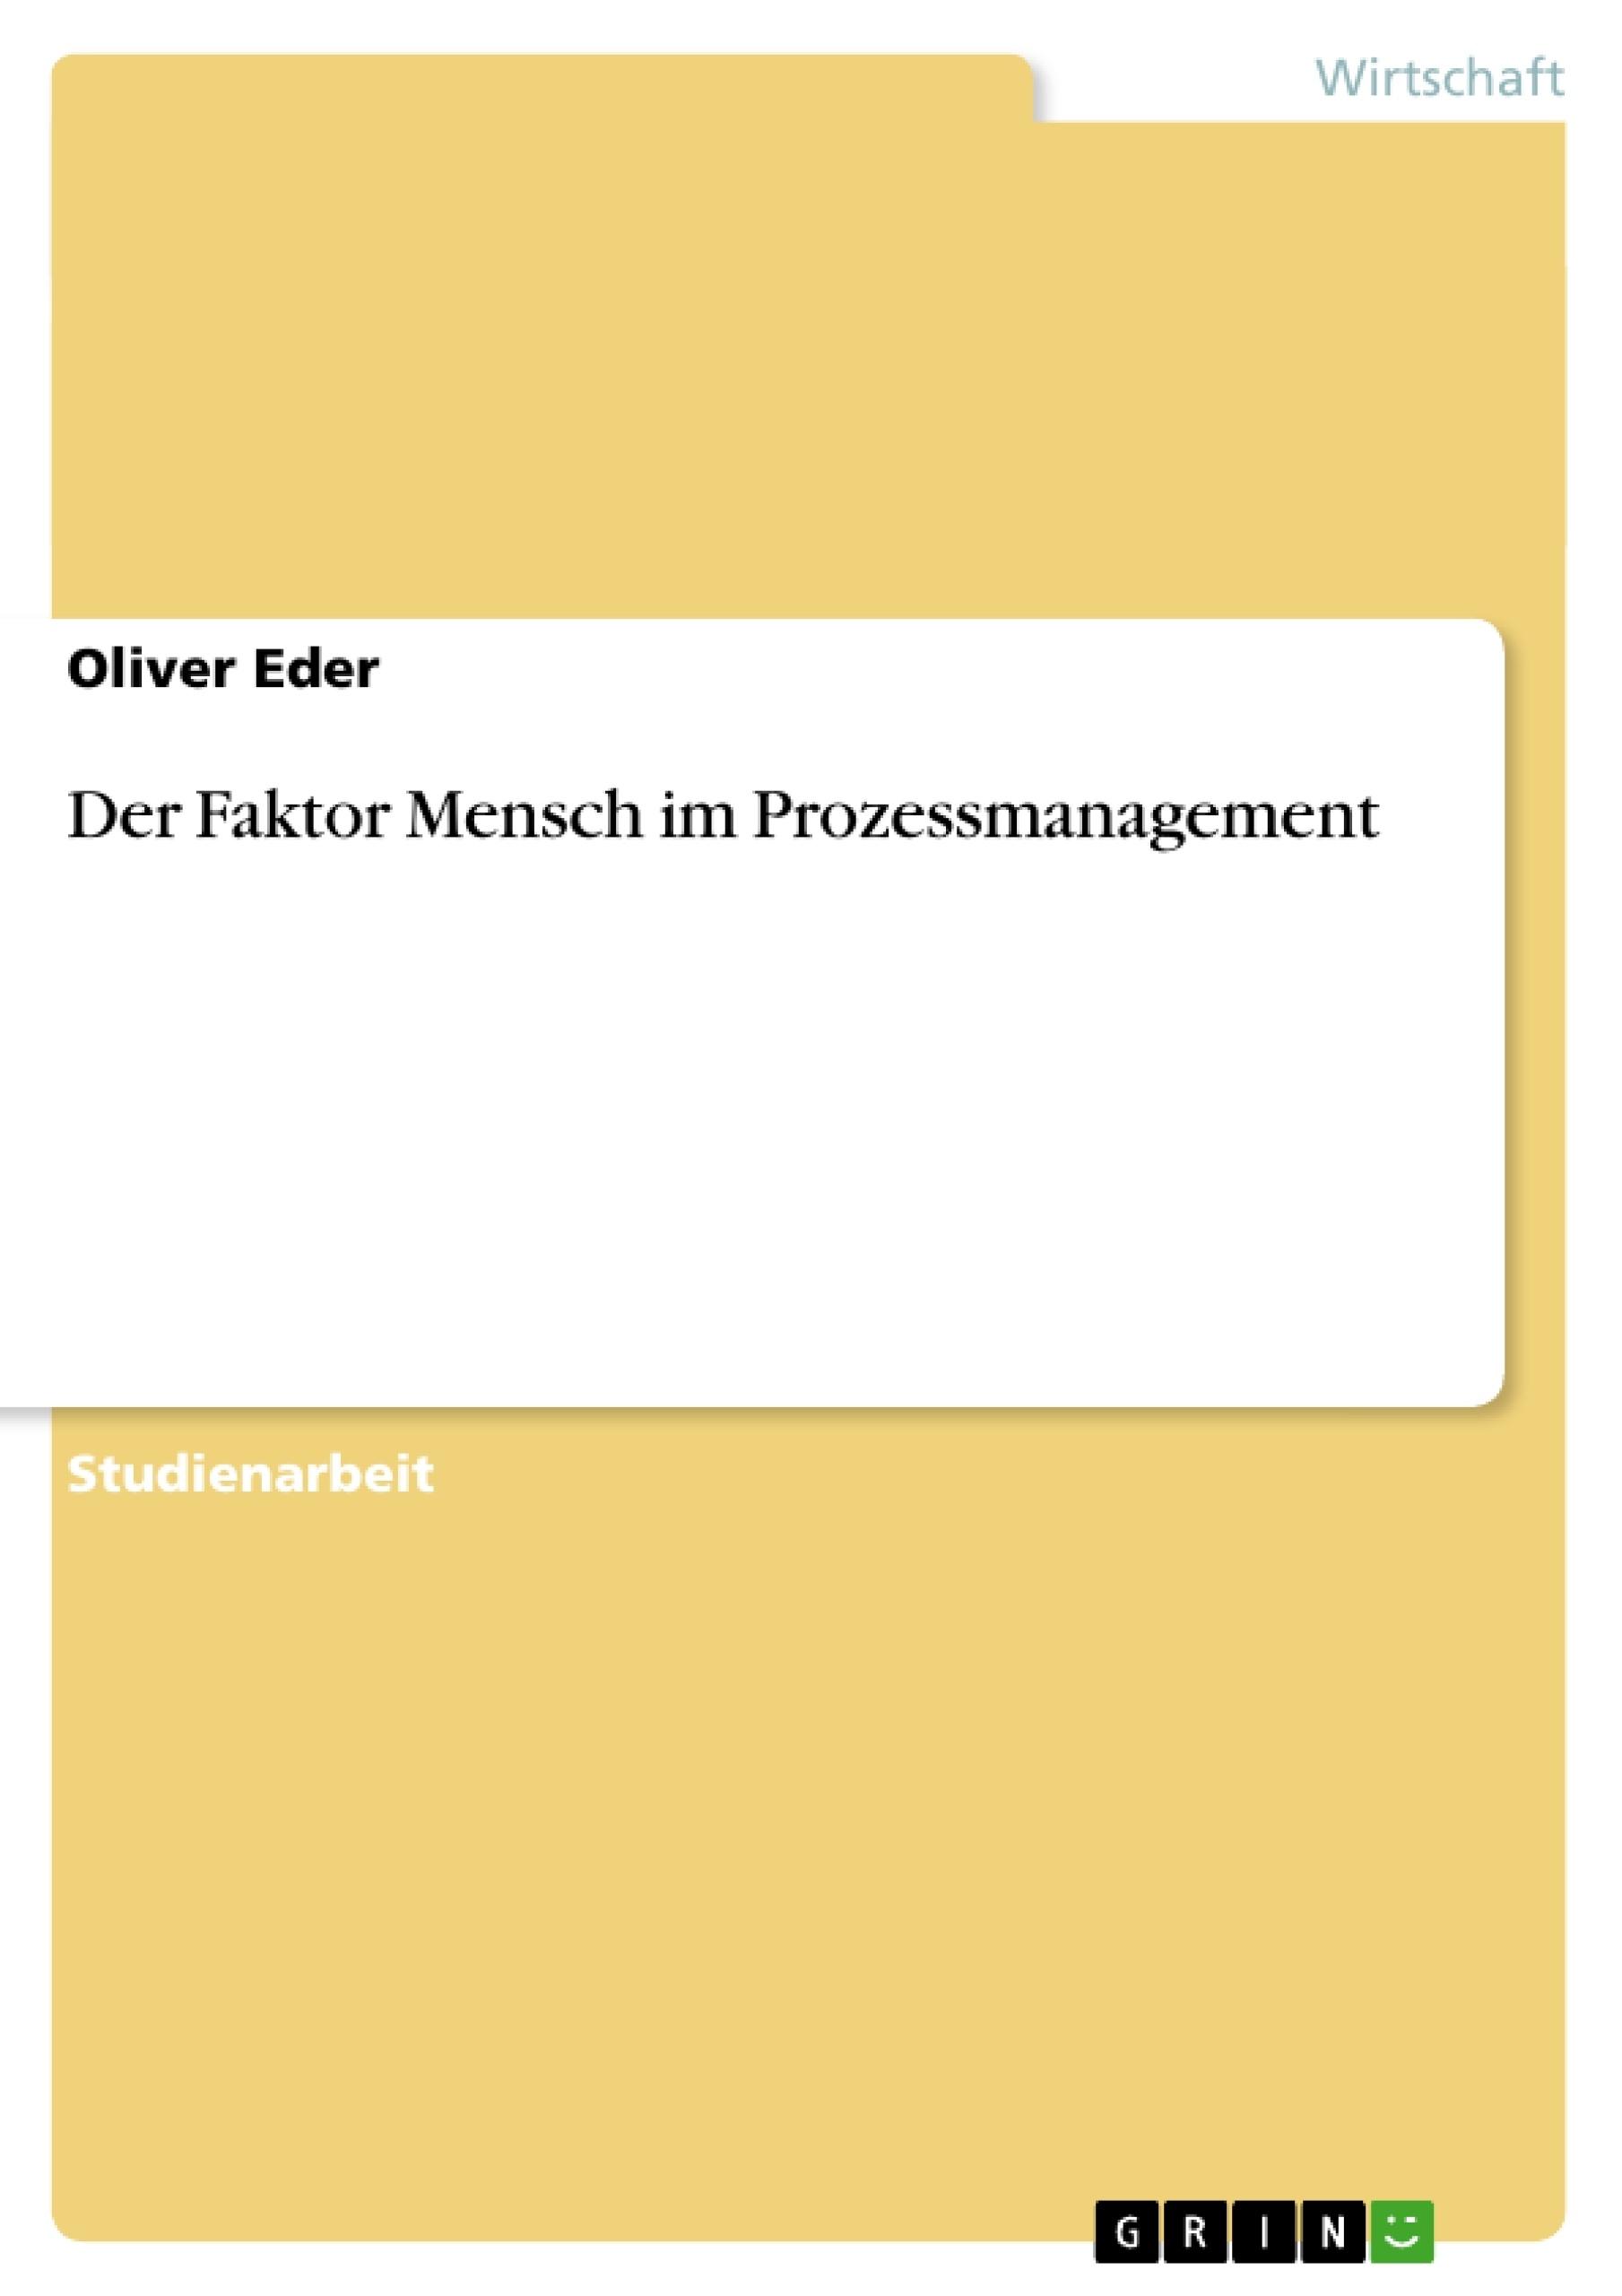 Titel: Der Faktor Mensch im Prozessmanagement